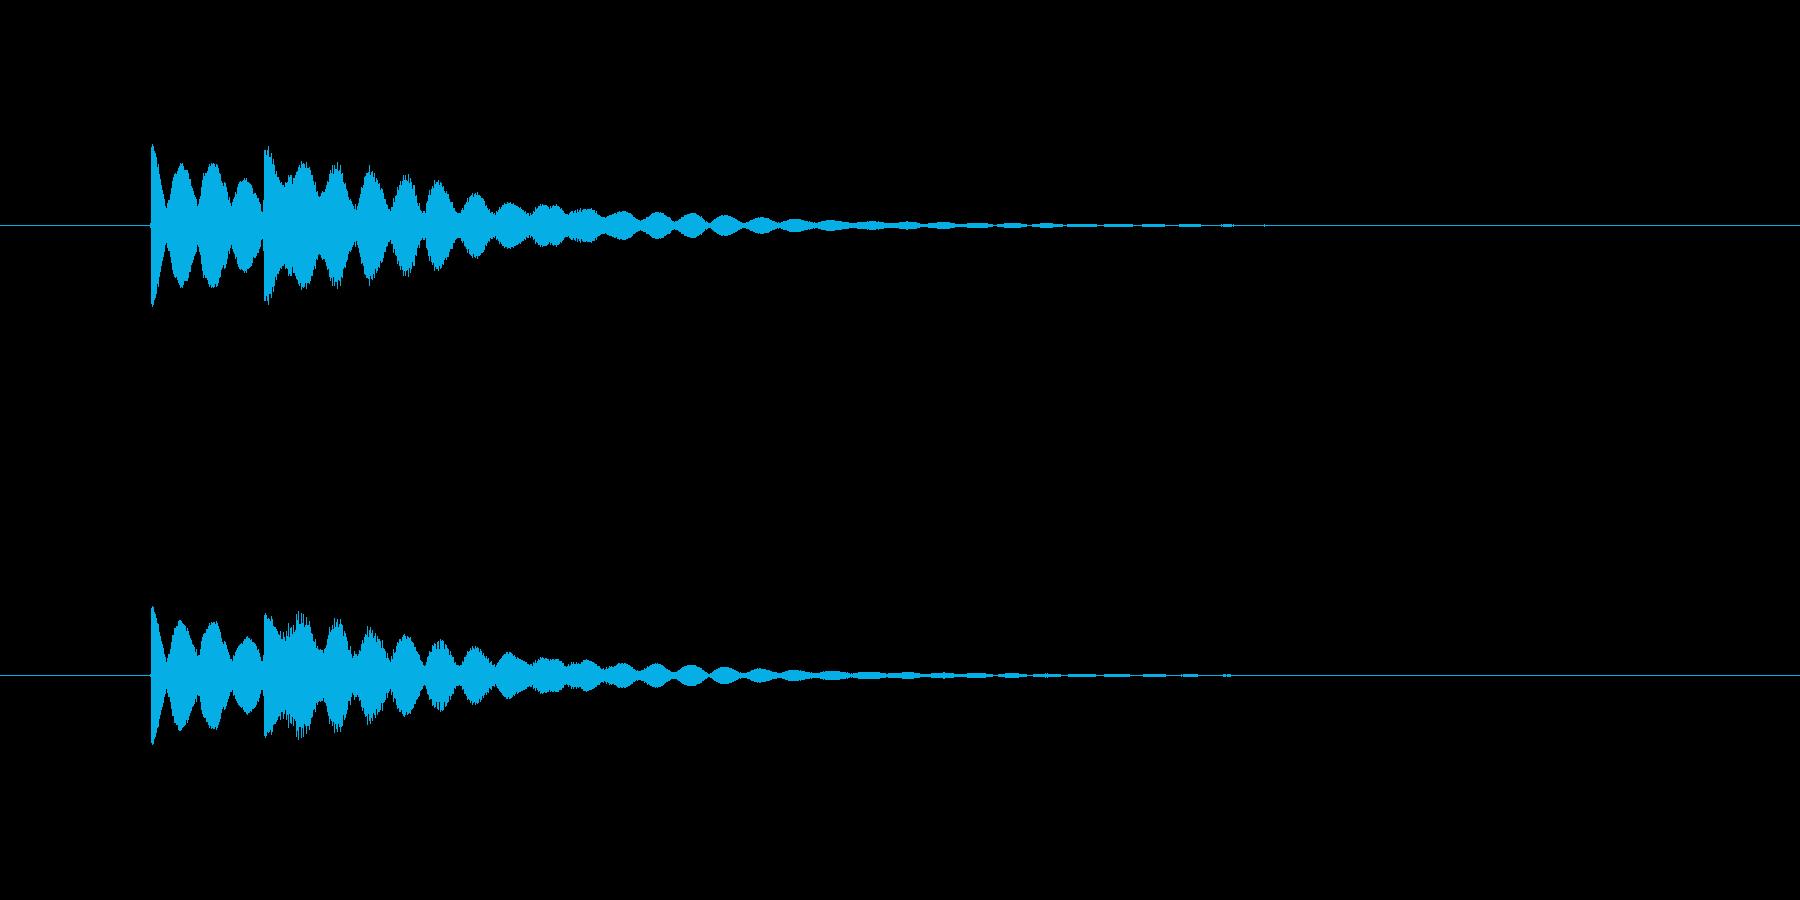 ピンポン(透明感のある決定音)の再生済みの波形